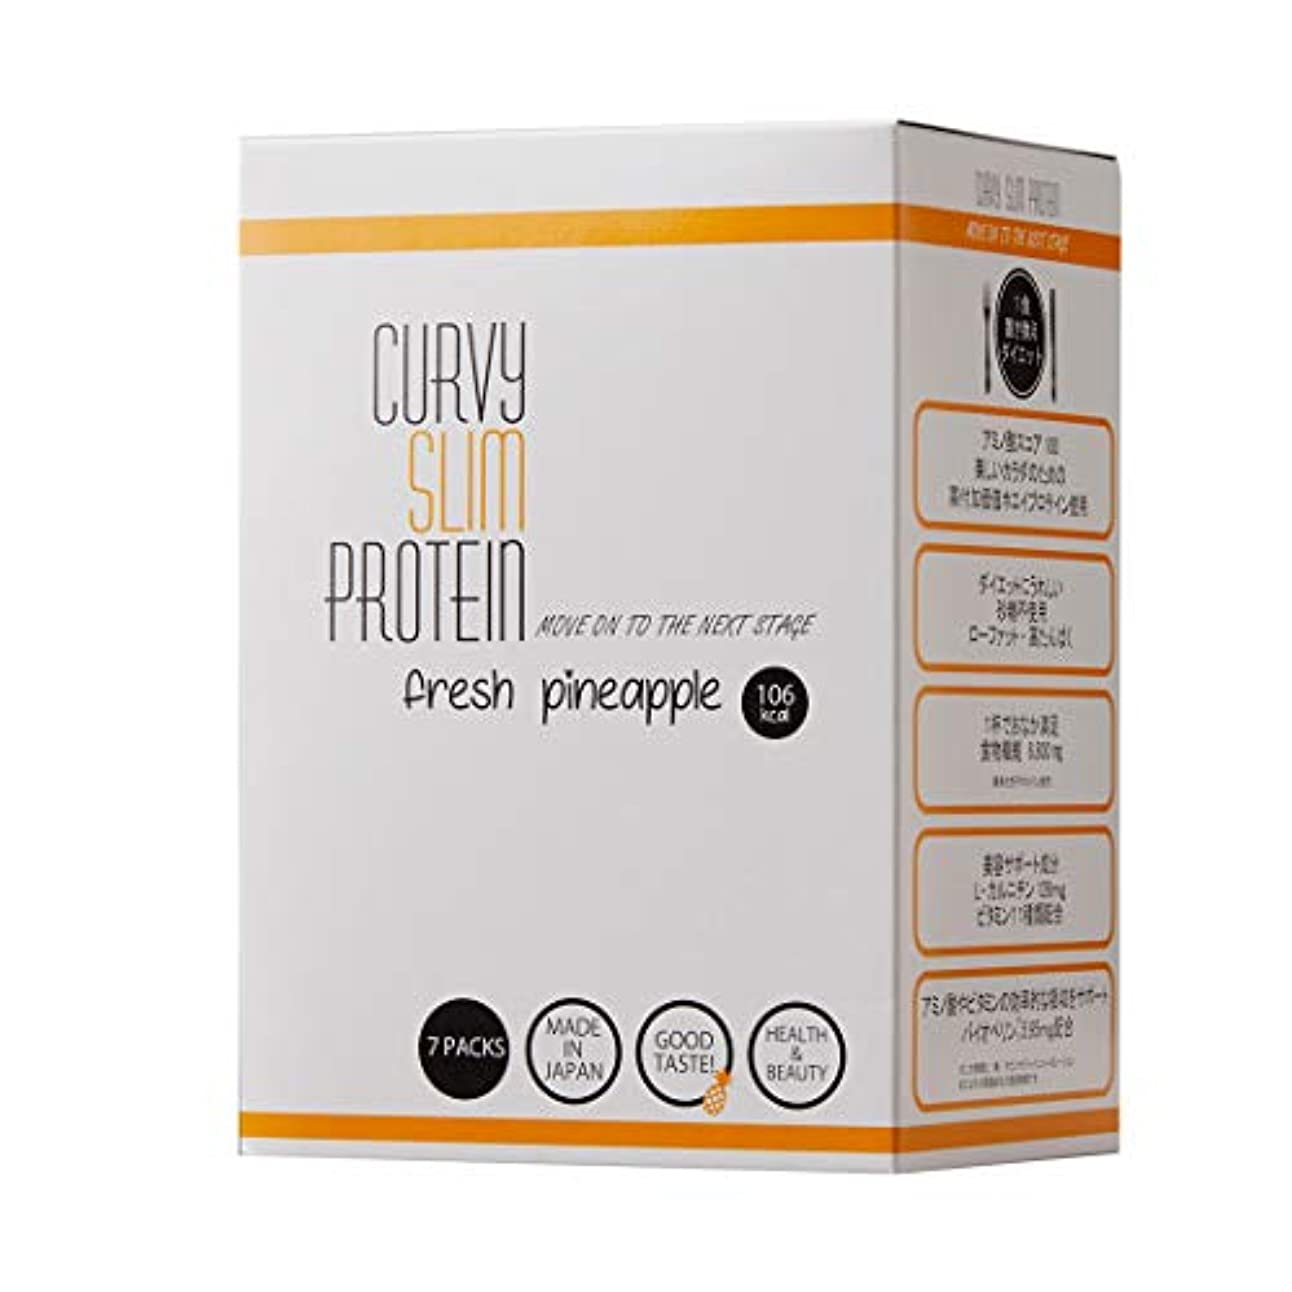 下解決するメディアカーヴィースリム® プロテイン フレッシュパイナップル 置き換え ダイエット 7包(7食分)